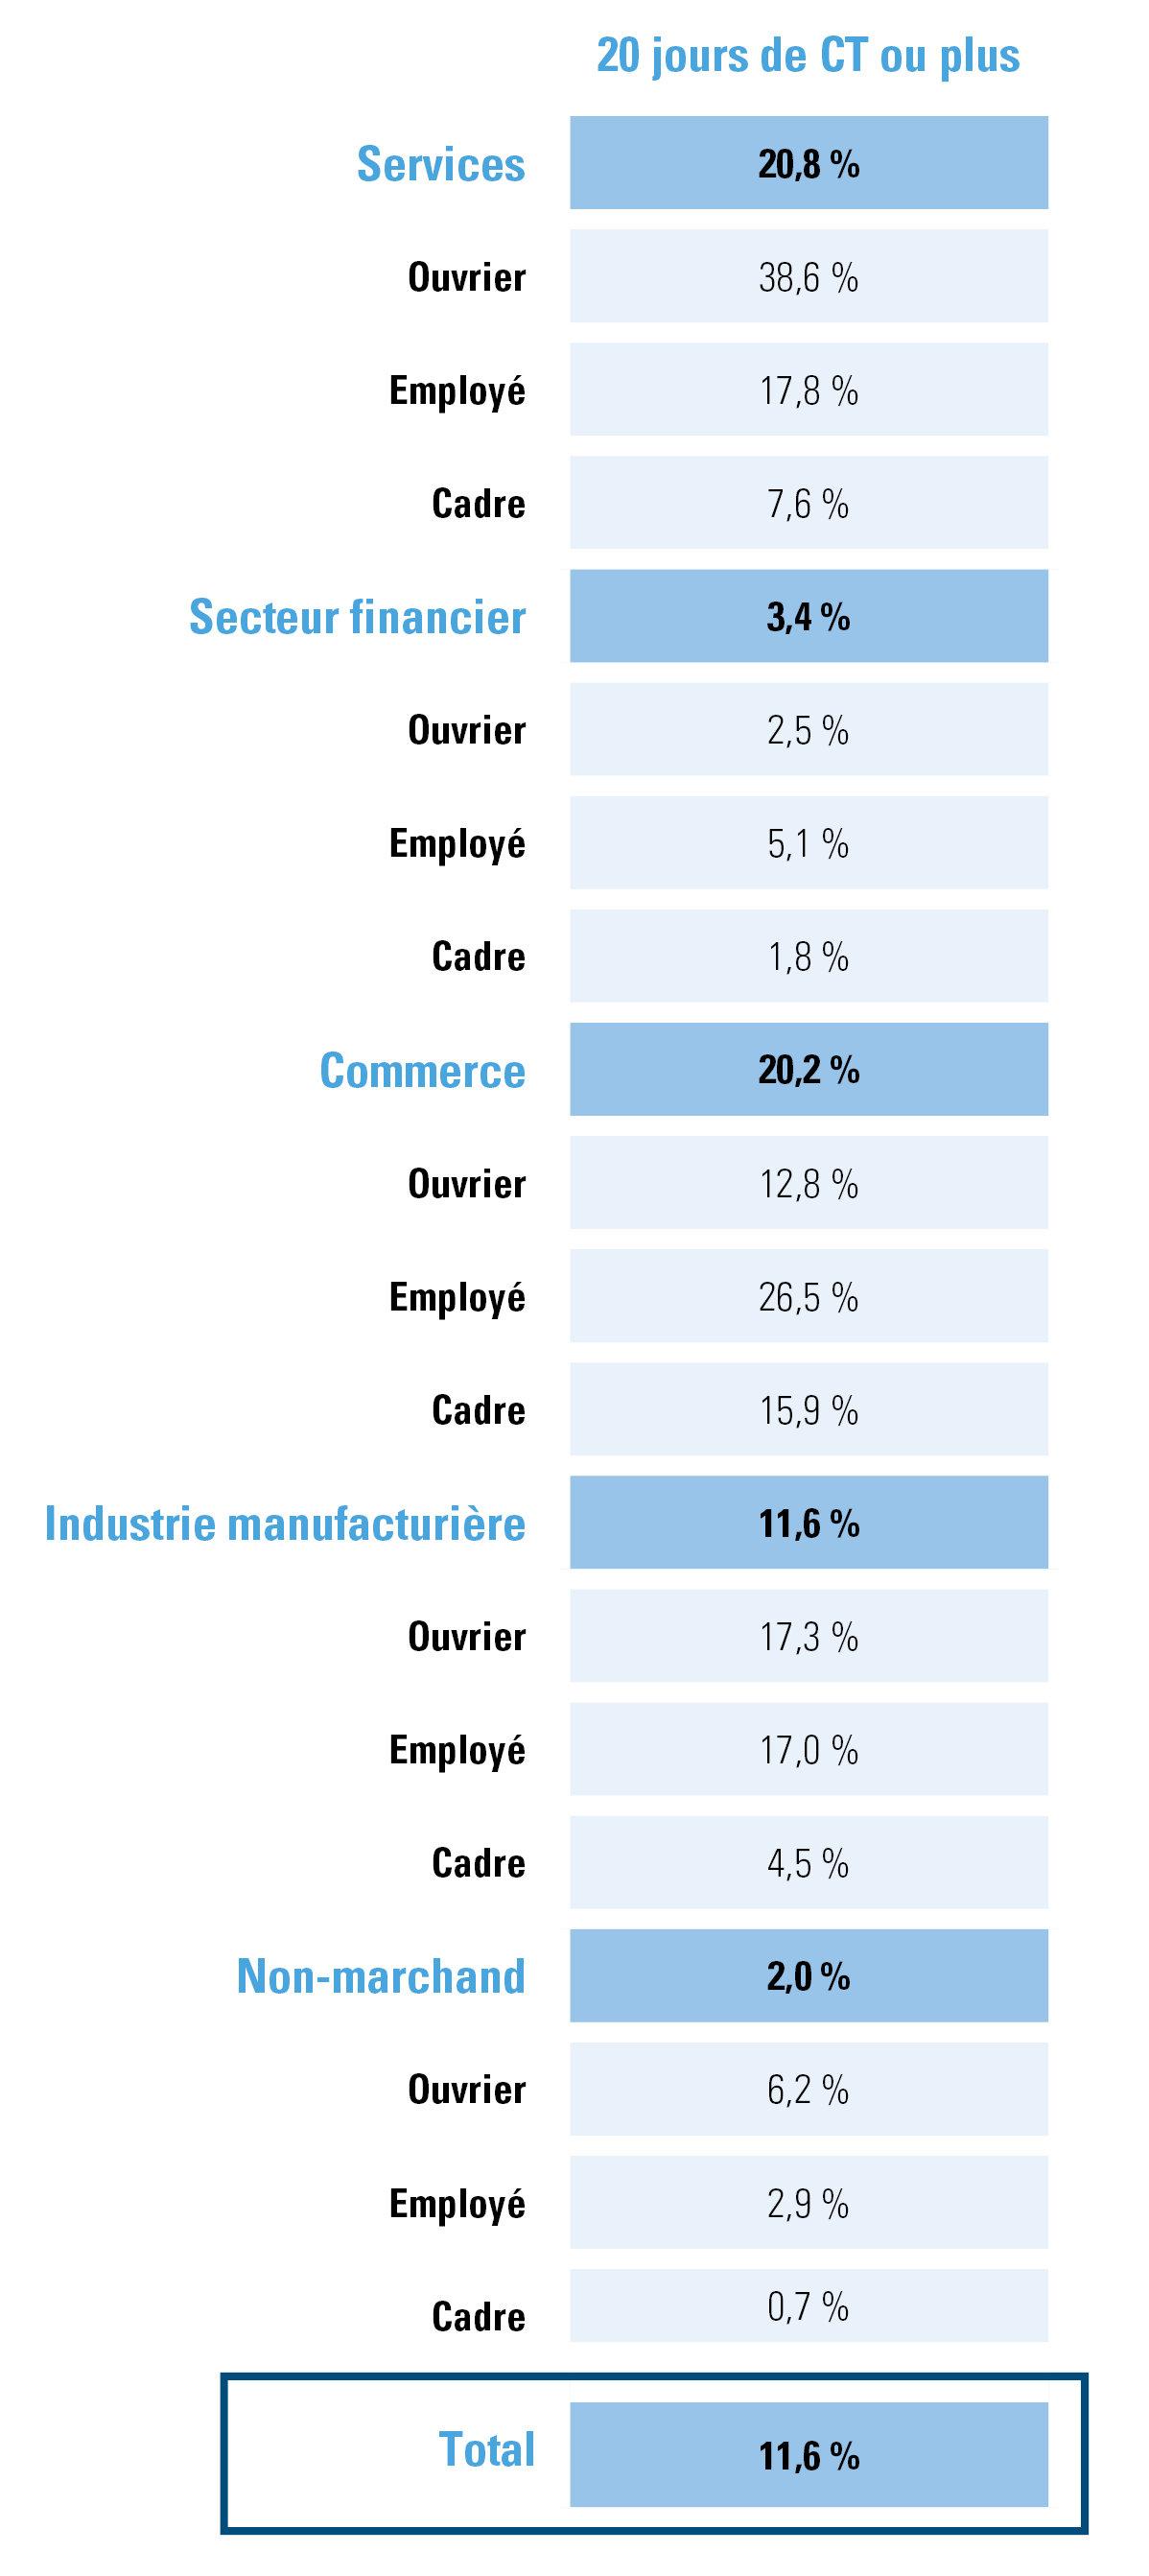 Figure 2 : % de travailleurs ayant été au chômage temporaire durant 20 jours en avril - par secteur et par statut.